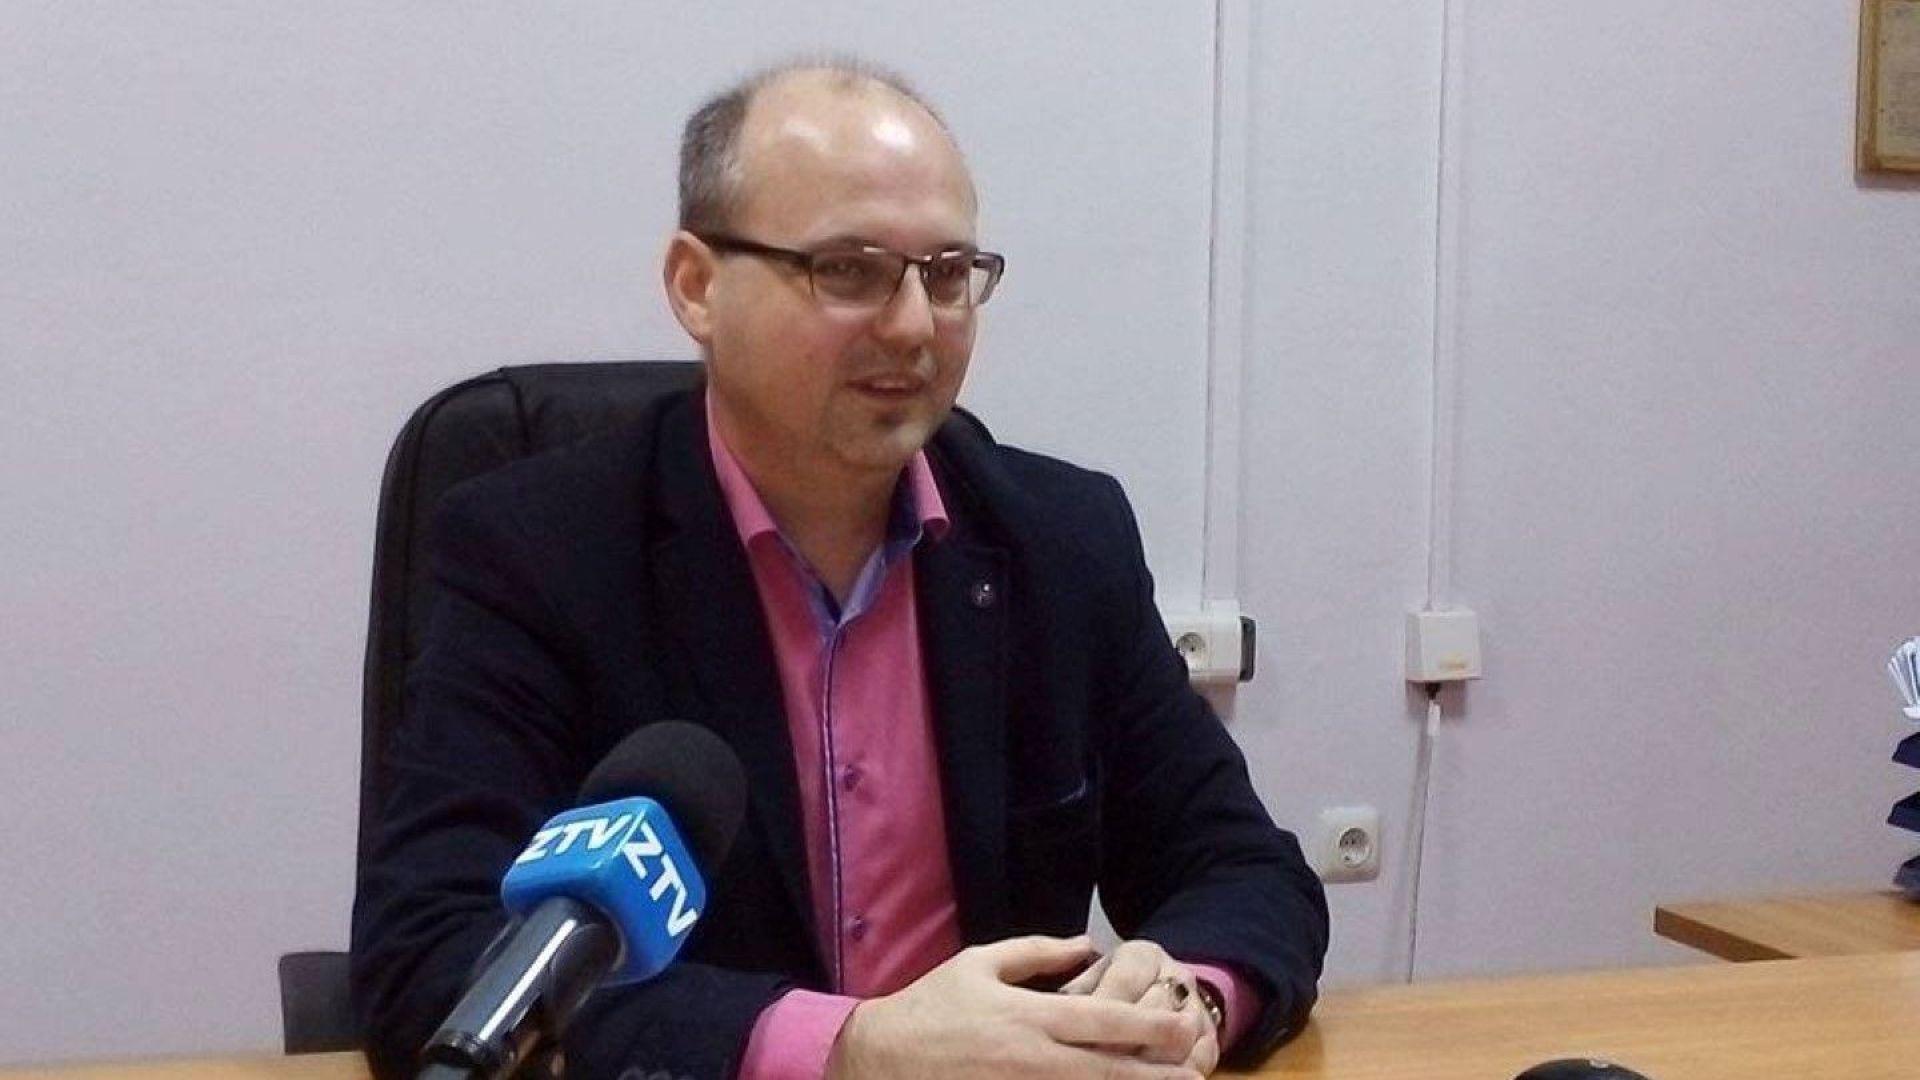 """Уволниха директора на НАП в Ловеч заради """"неоторизиран достъп до информационните системи"""""""